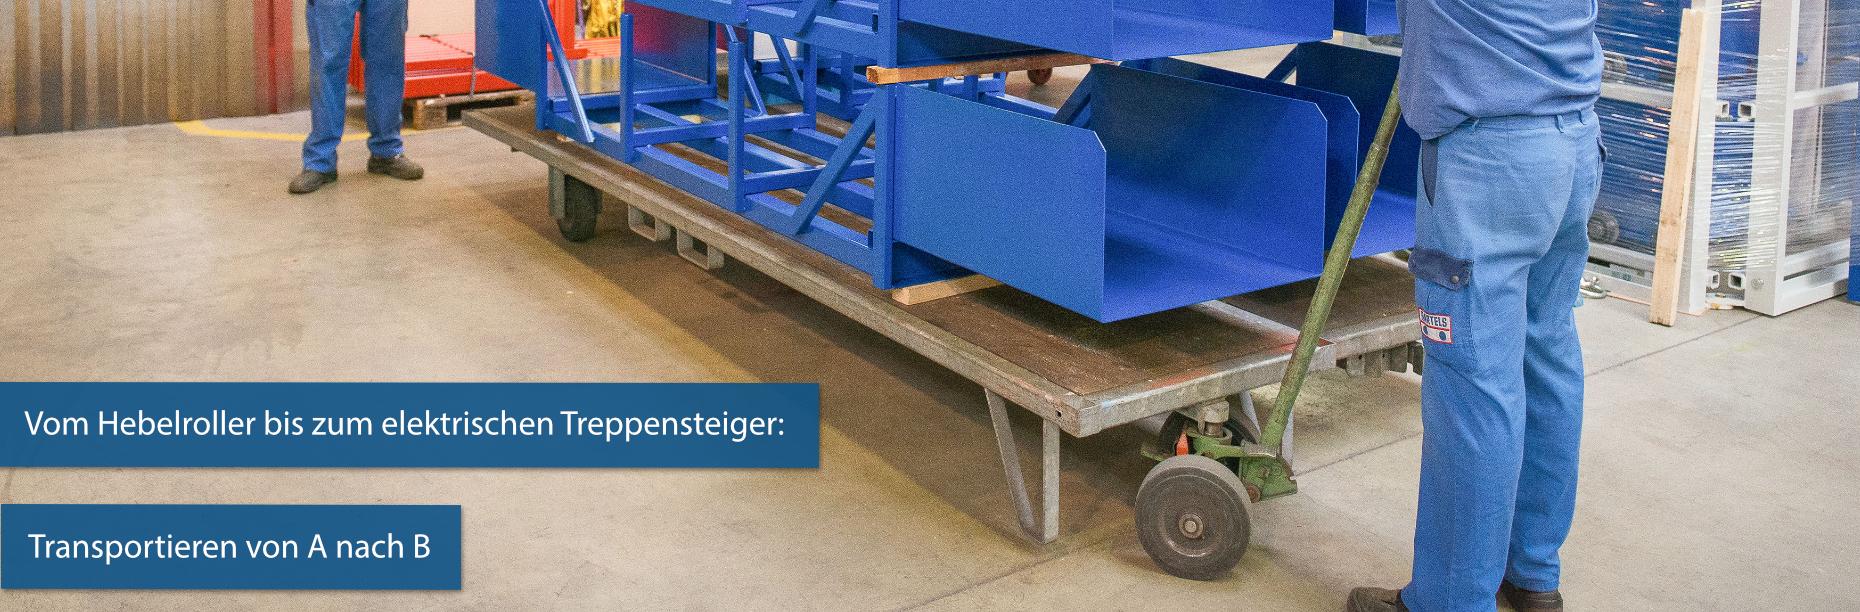 Wir liefern Ihnen diverse Hilfsmittel für den innerbetrieblichen und externen Transport von Materialien, Paletten, Waren oder Maschinen.